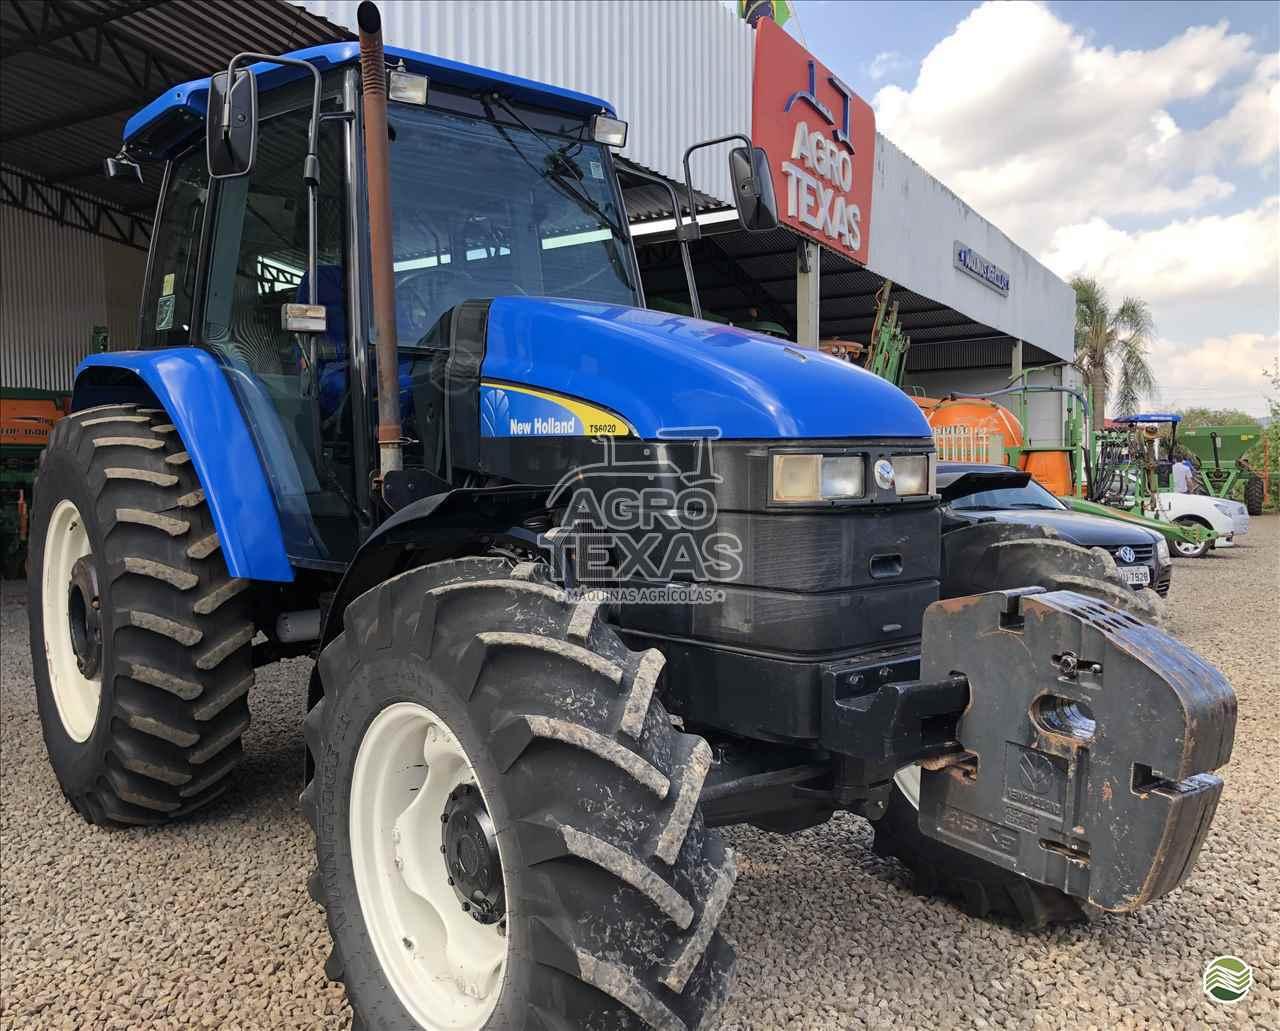 TRATOR NEW HOLLAND NEW TS 6020 Tração 4x4 Agro Texas Máquinas Agrícolas VITORINO PARANÁ PR